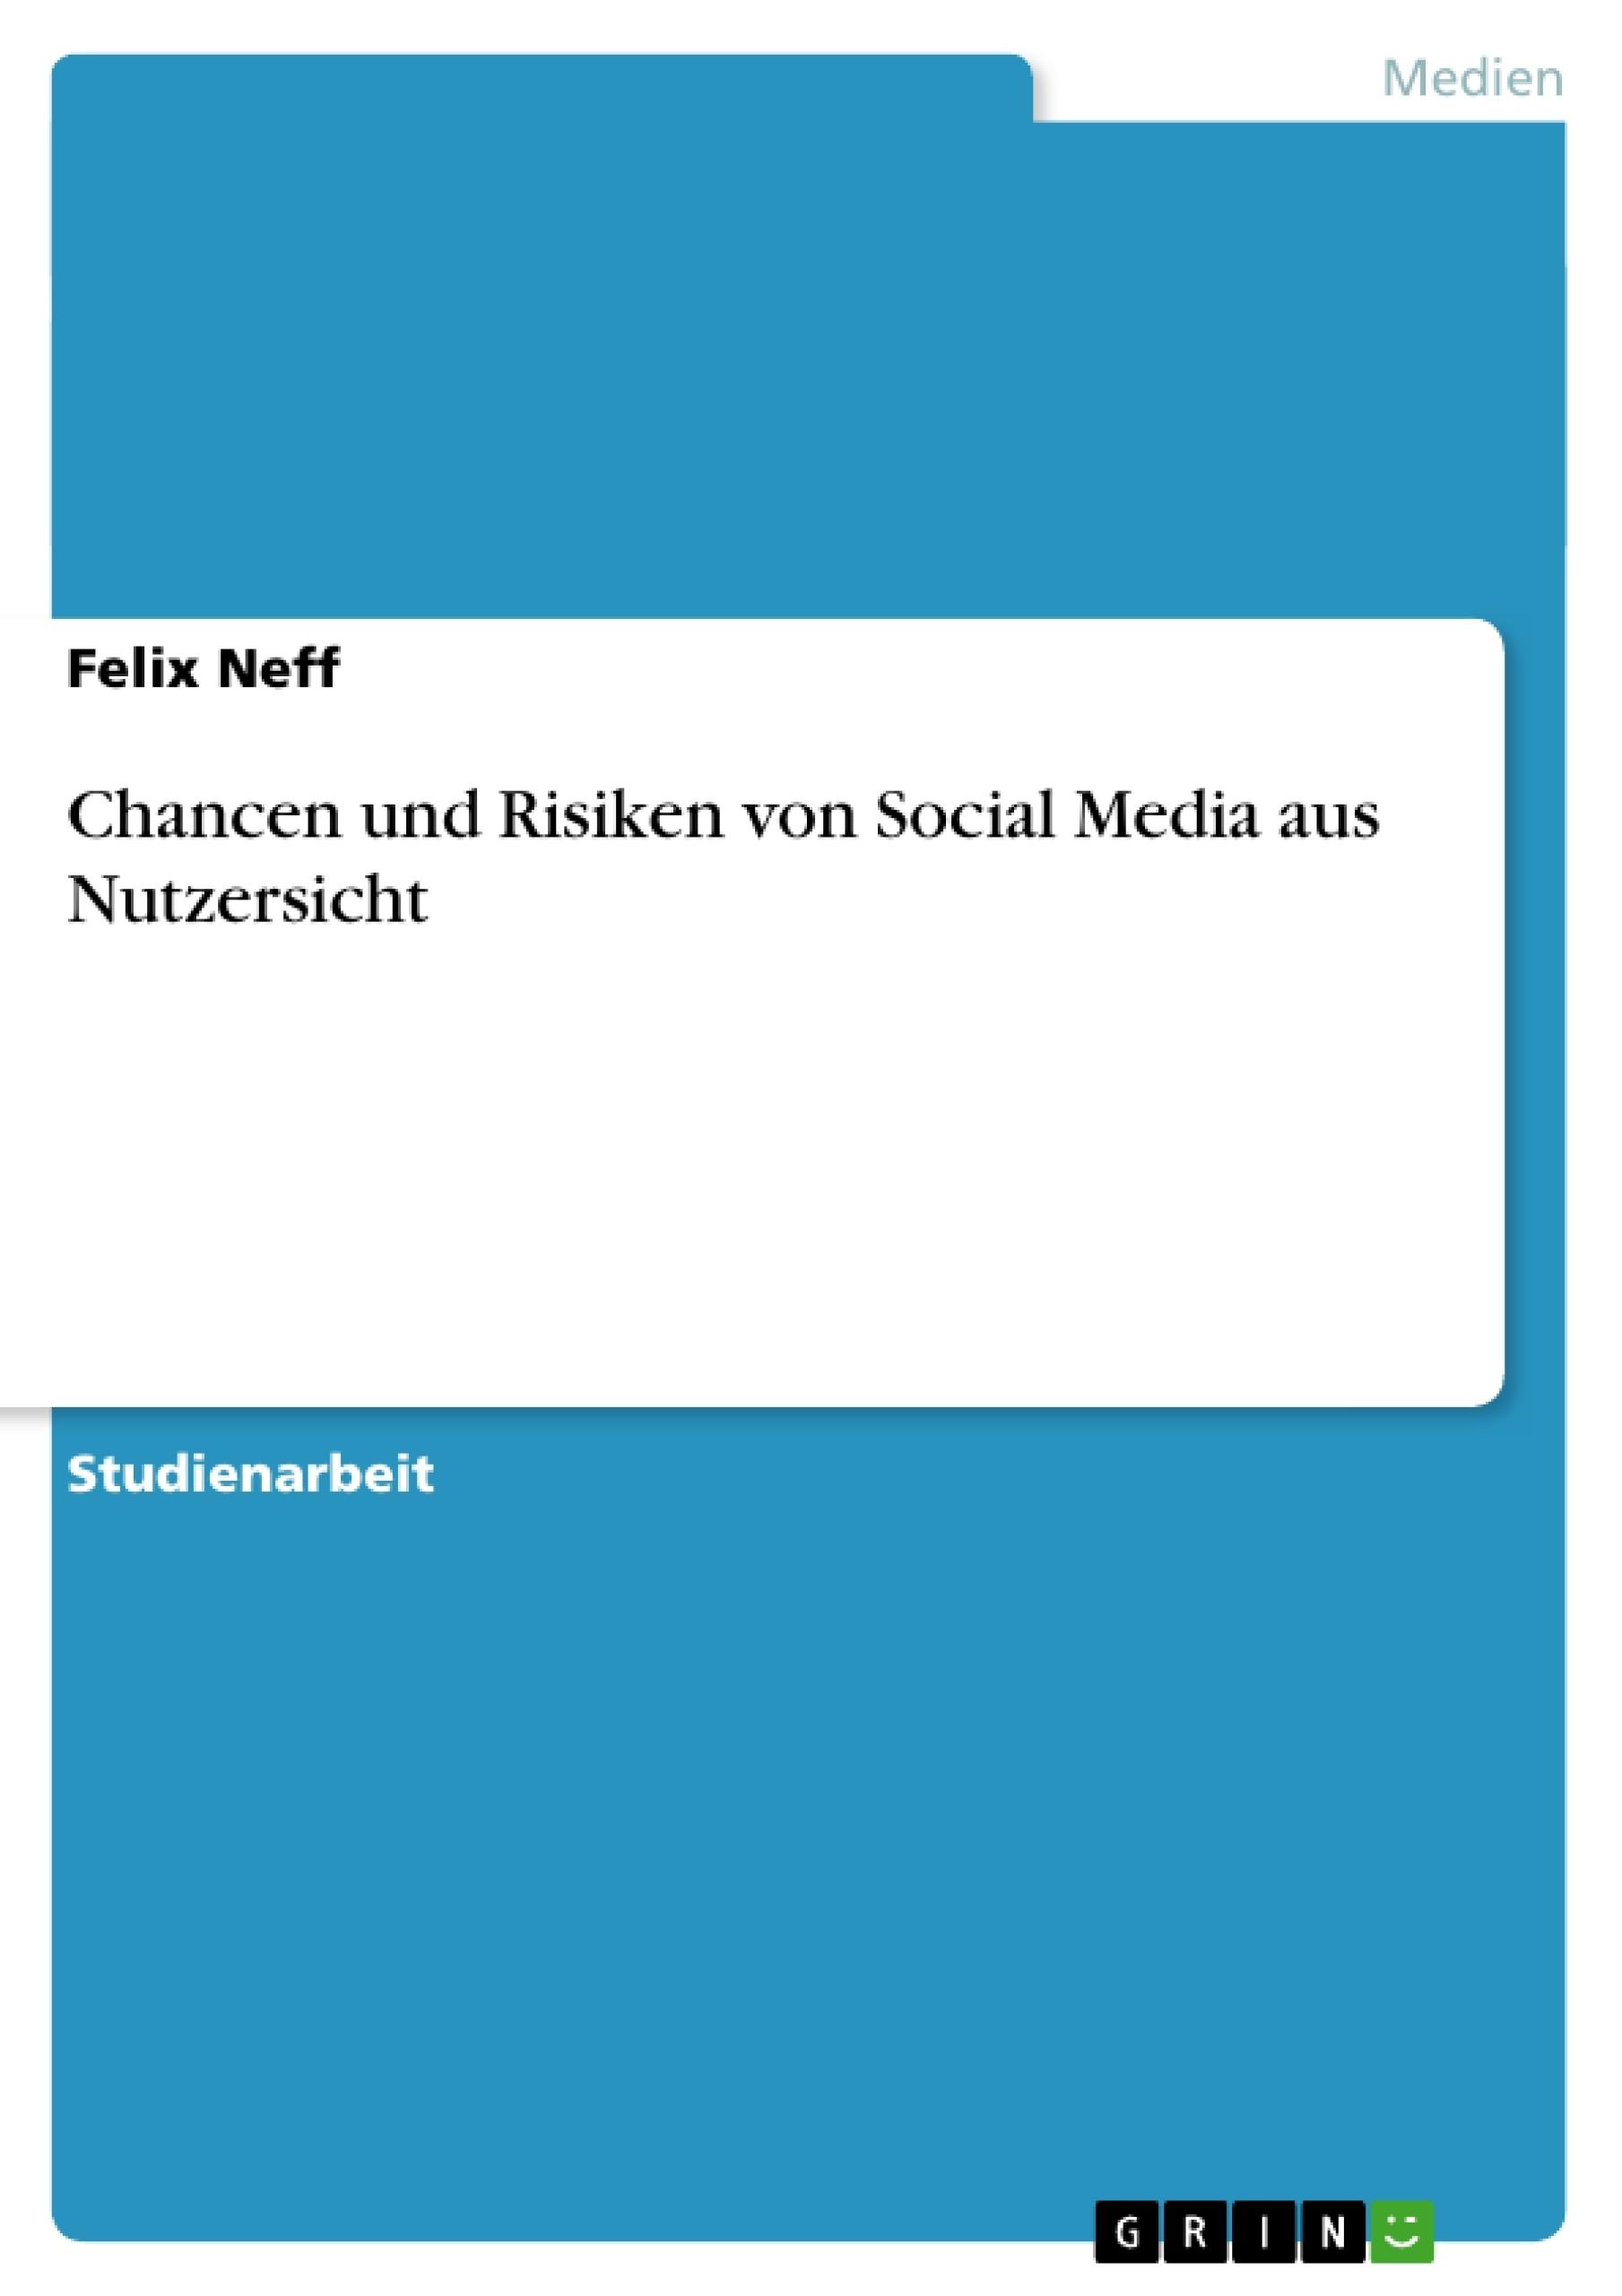 Titel: Chancen und Risiken von Social Media aus Nutzersicht